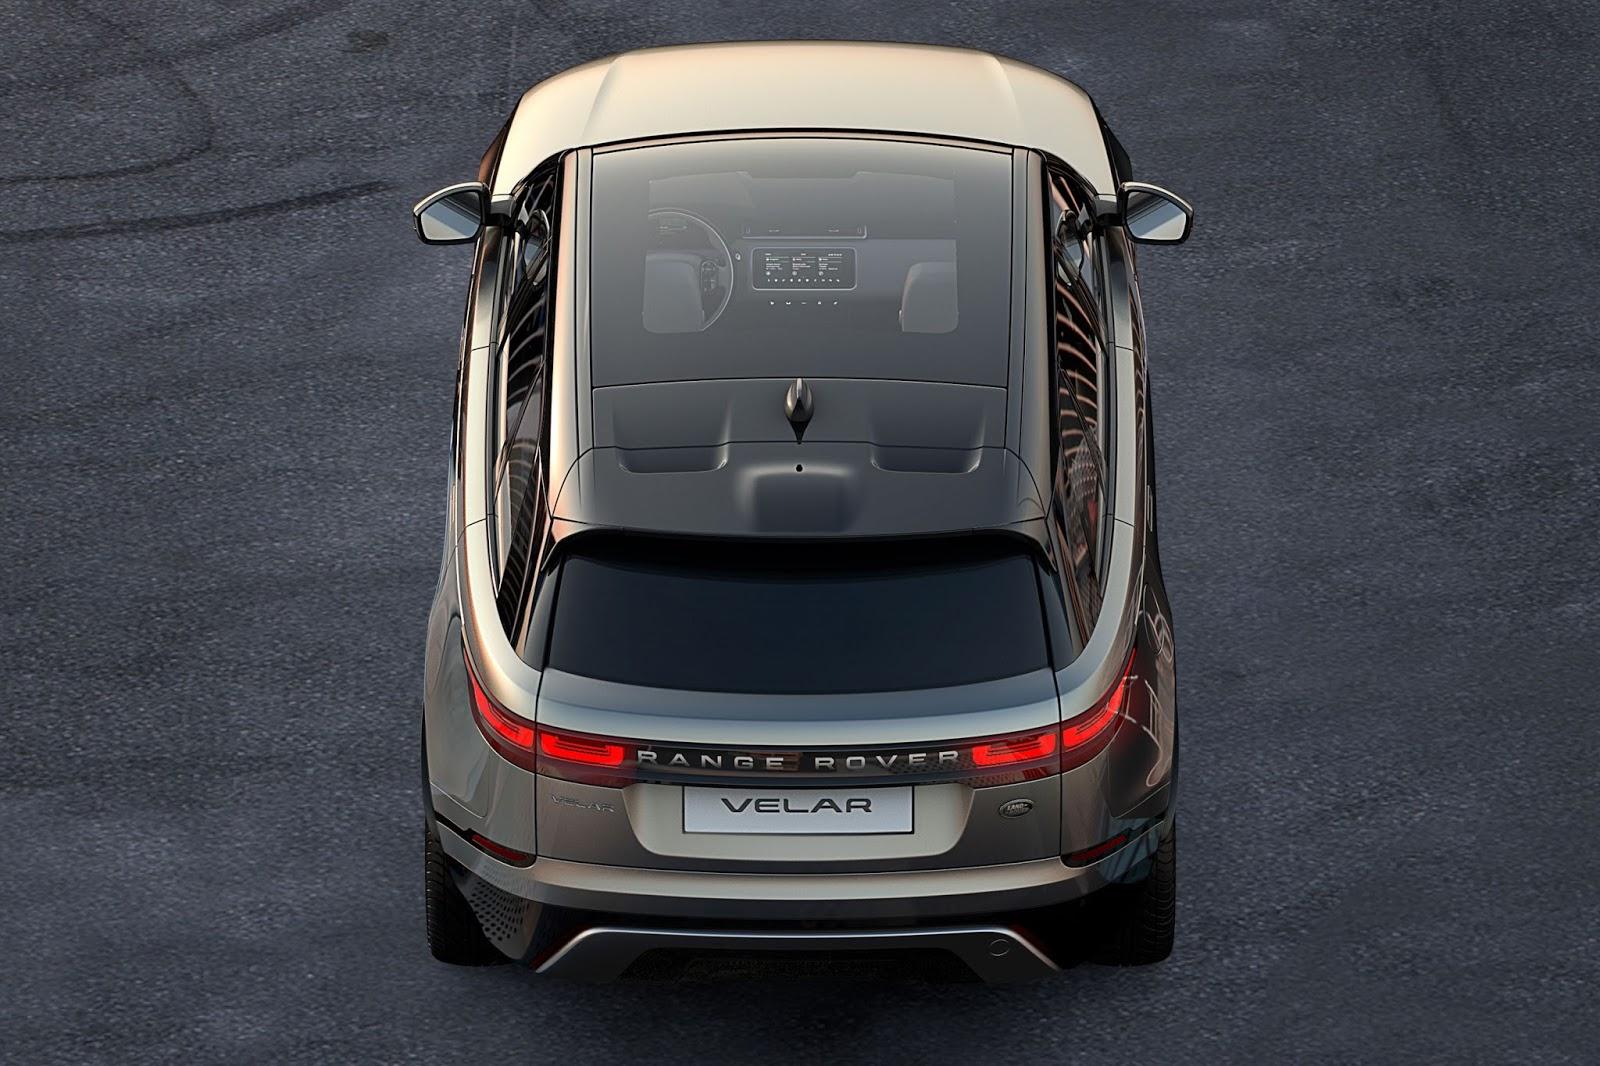 Đuôi xe của Range Rover Velar thế hệ mới đẹp hơn